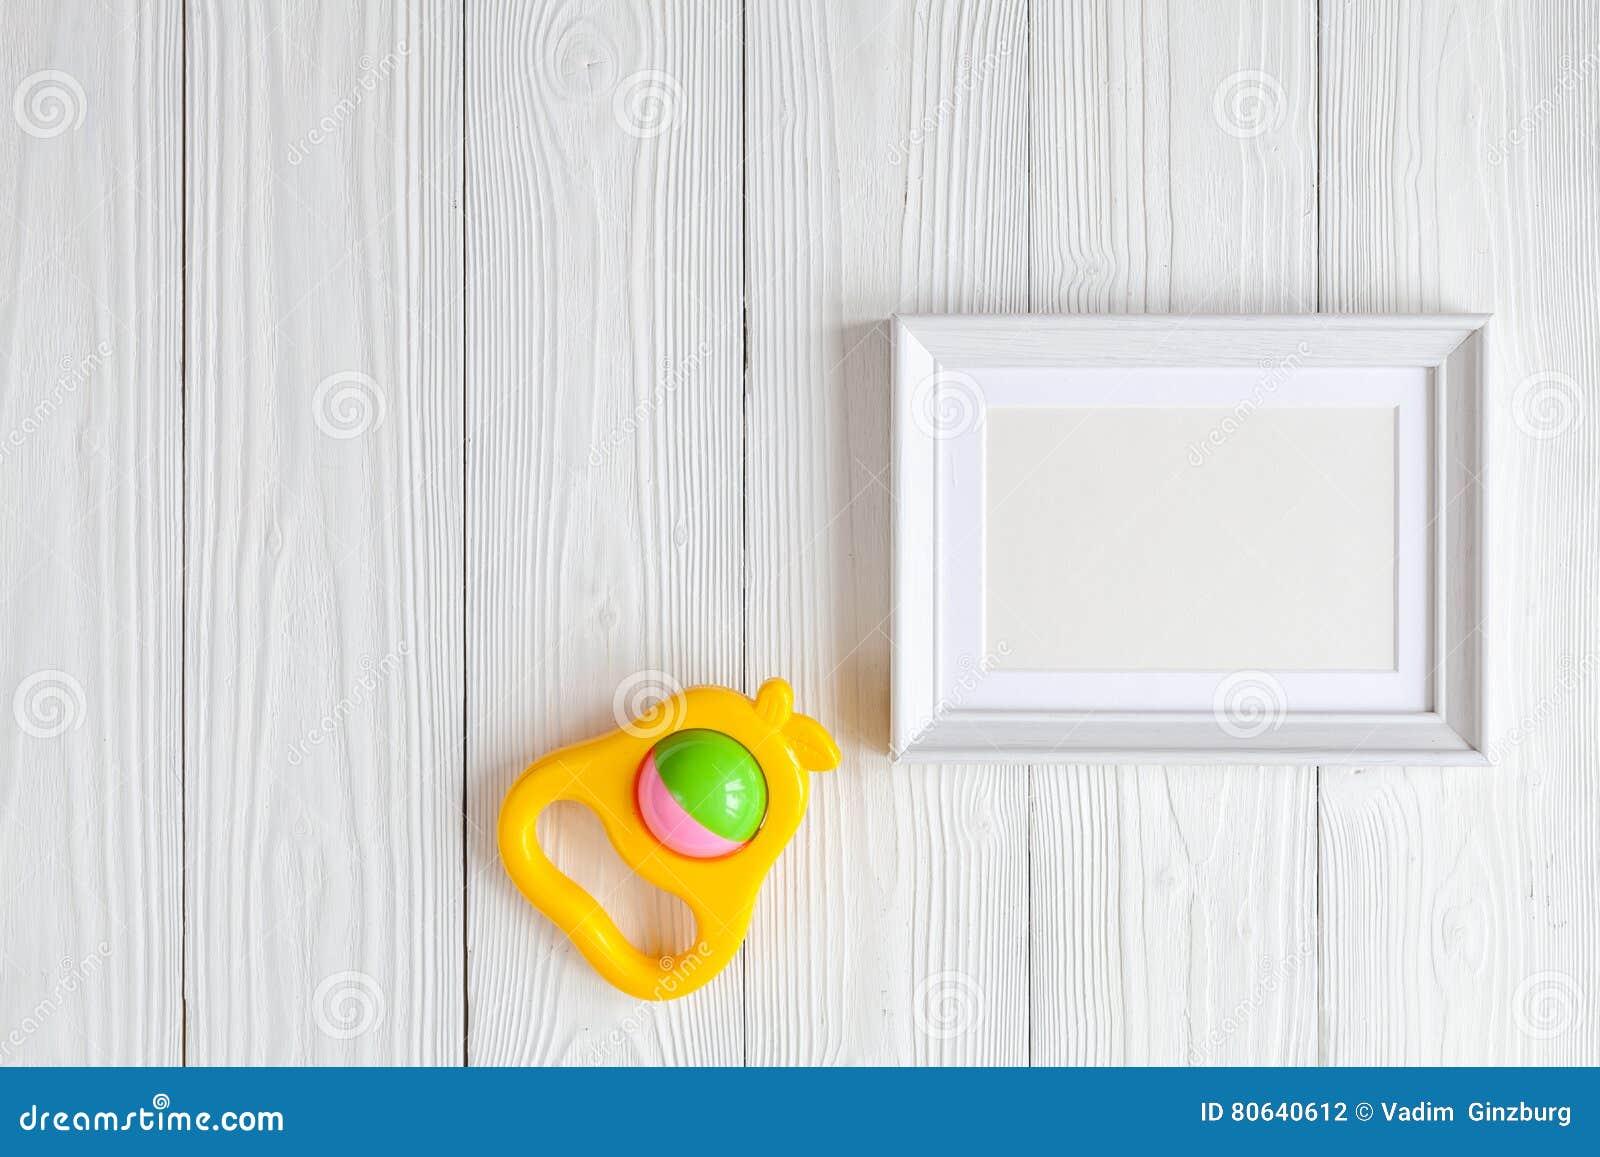 Festa do bebê - moldura para retrato vazia no fundo de madeira